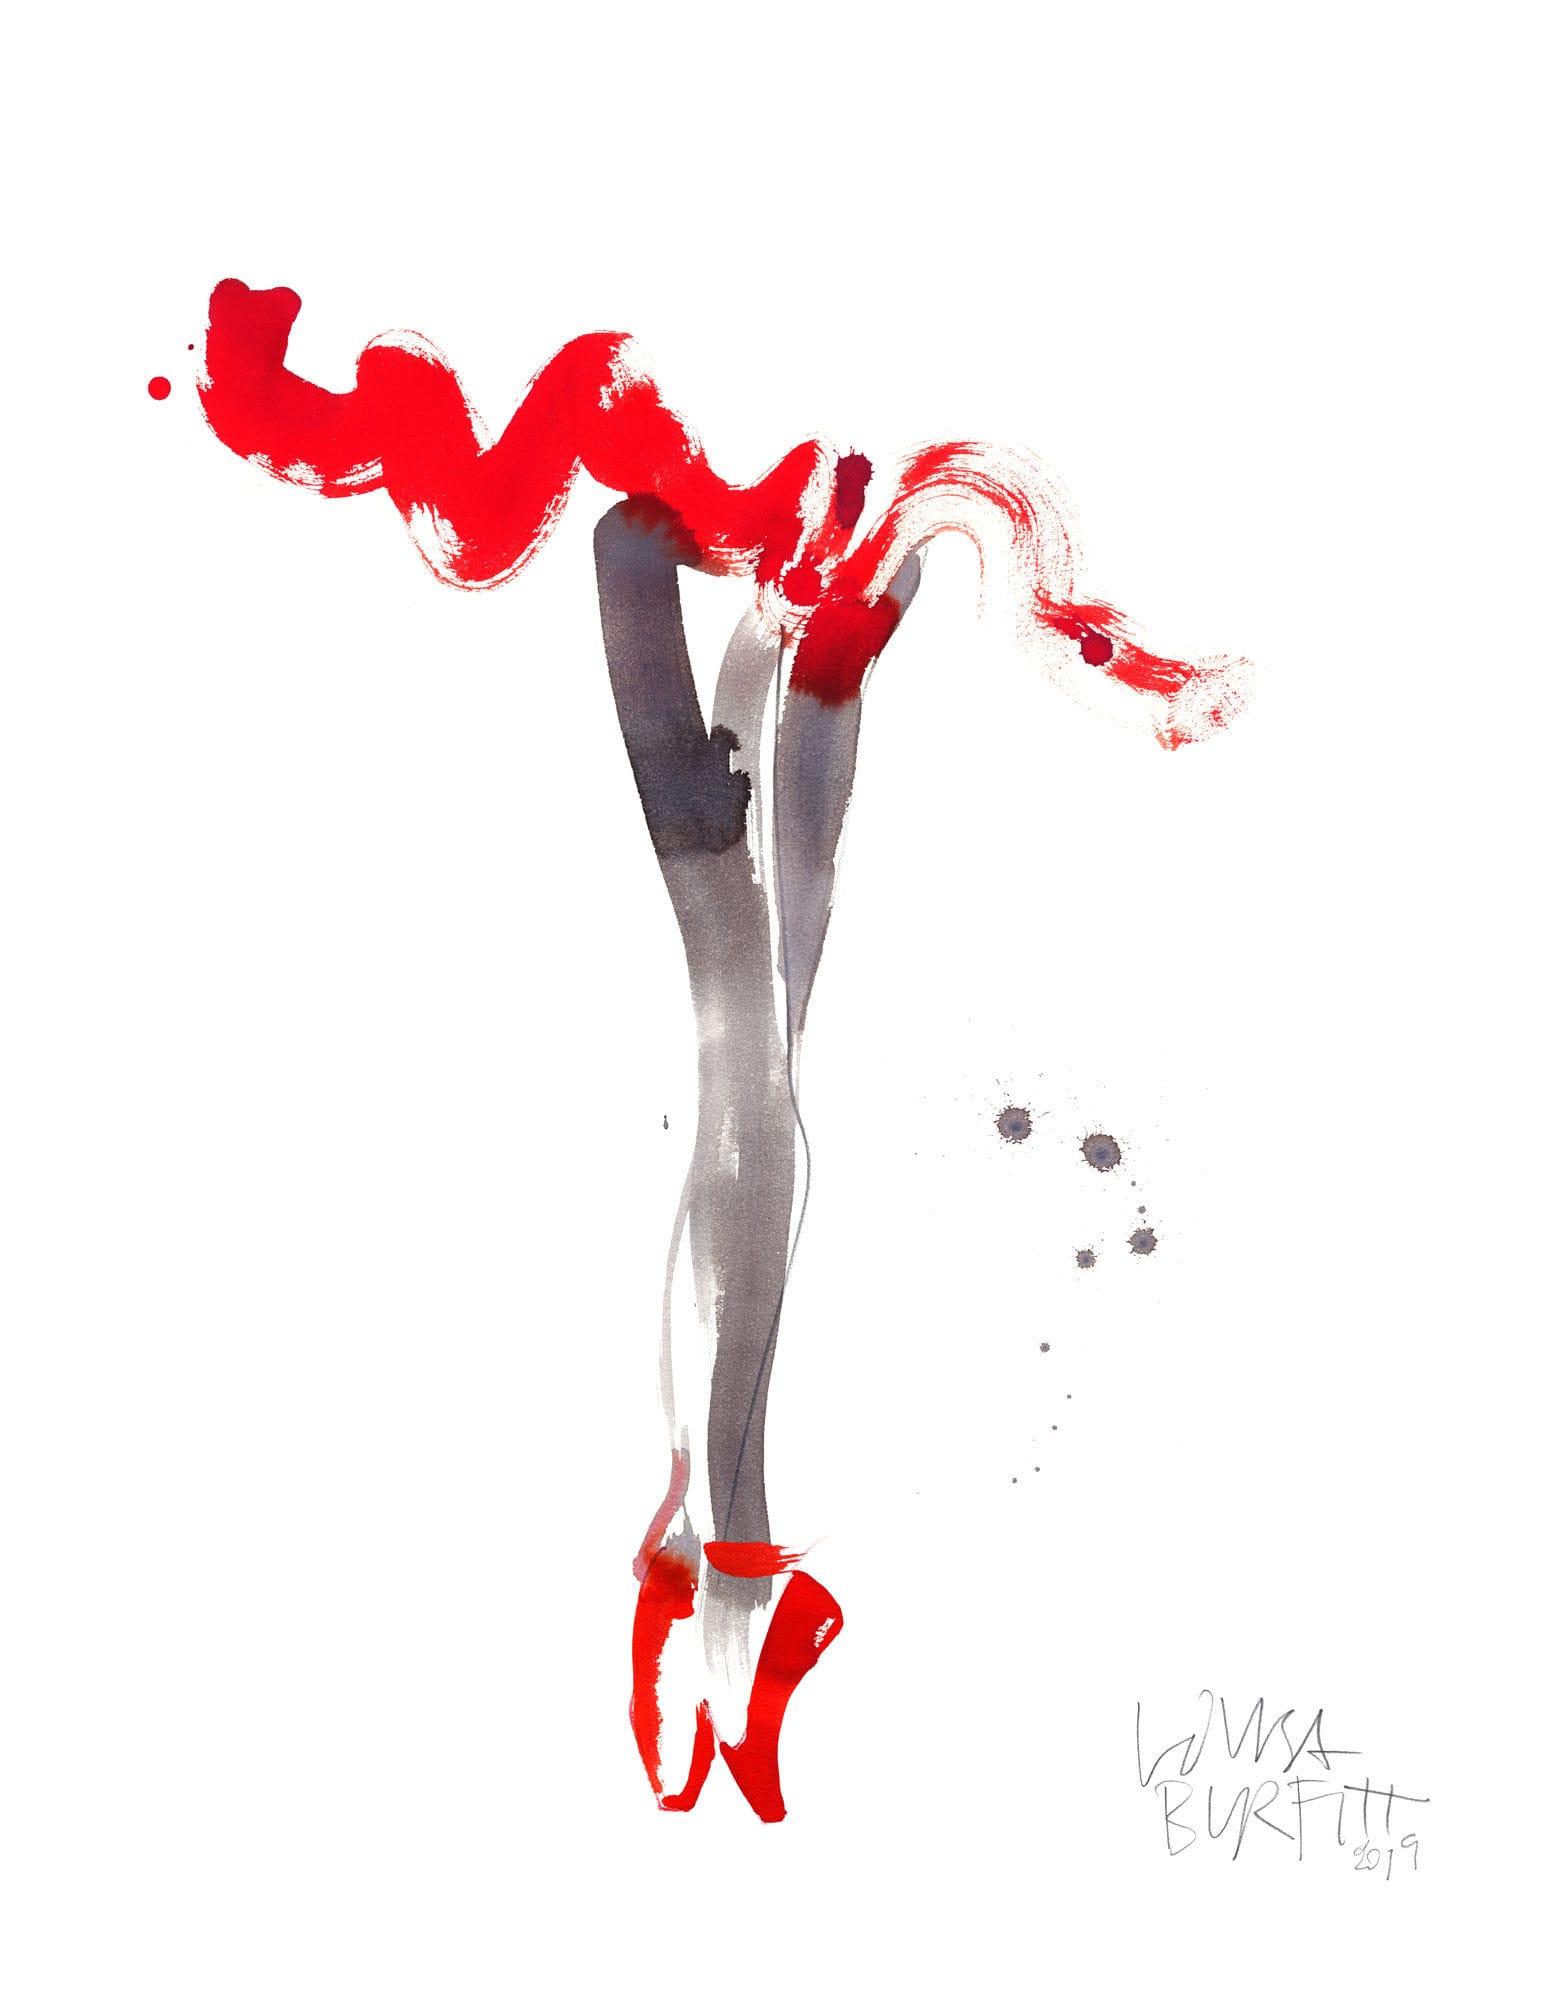 Lovisa-Burfitt-illustration-ballerina-red